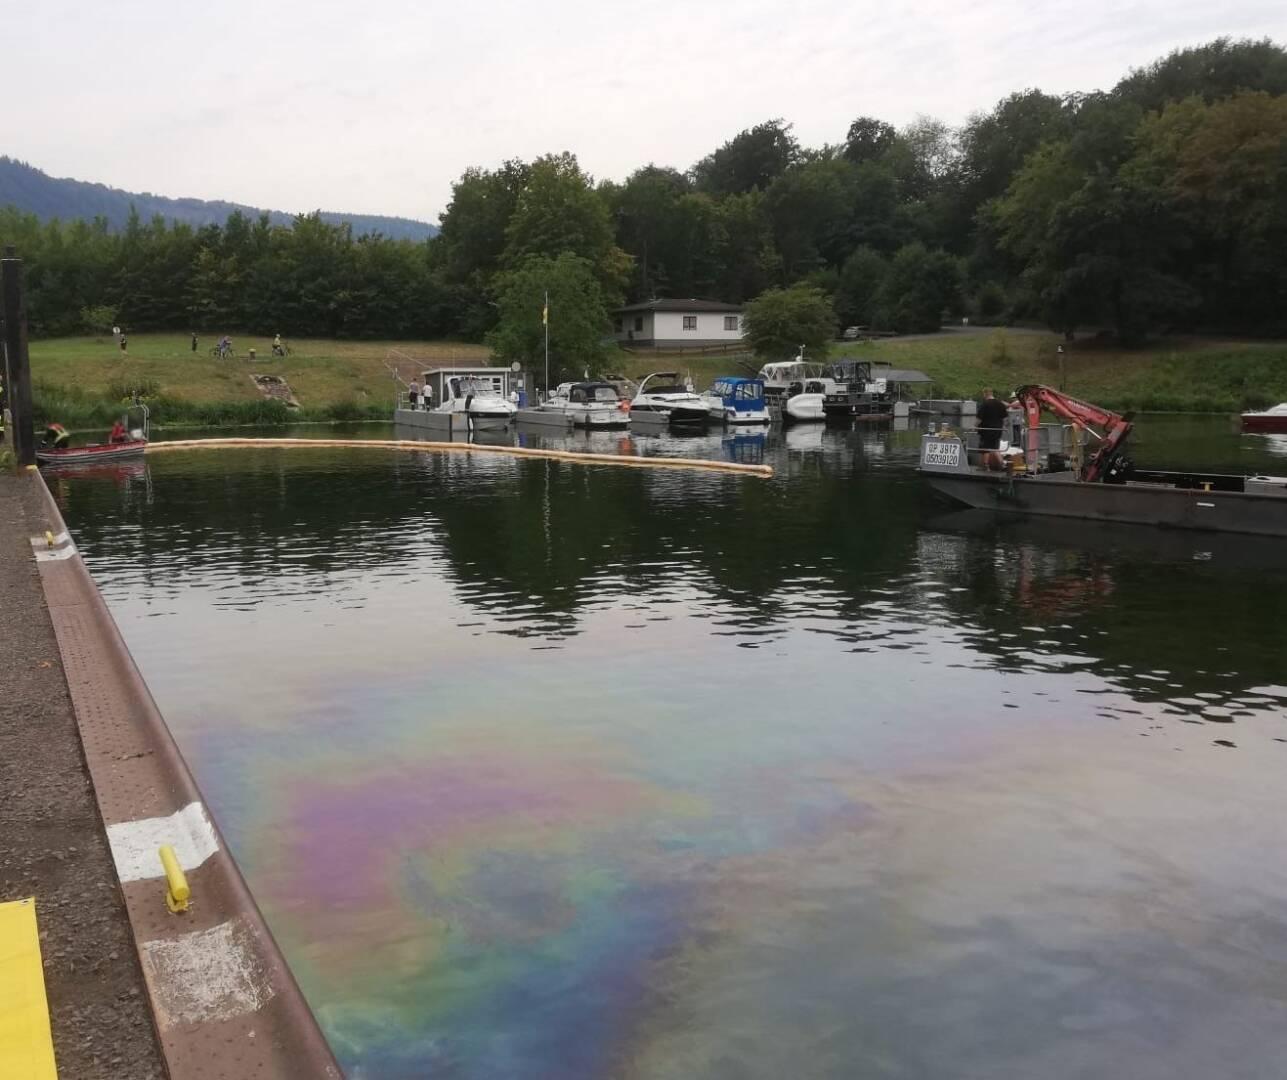 Verunreinigung im Hafenbecken